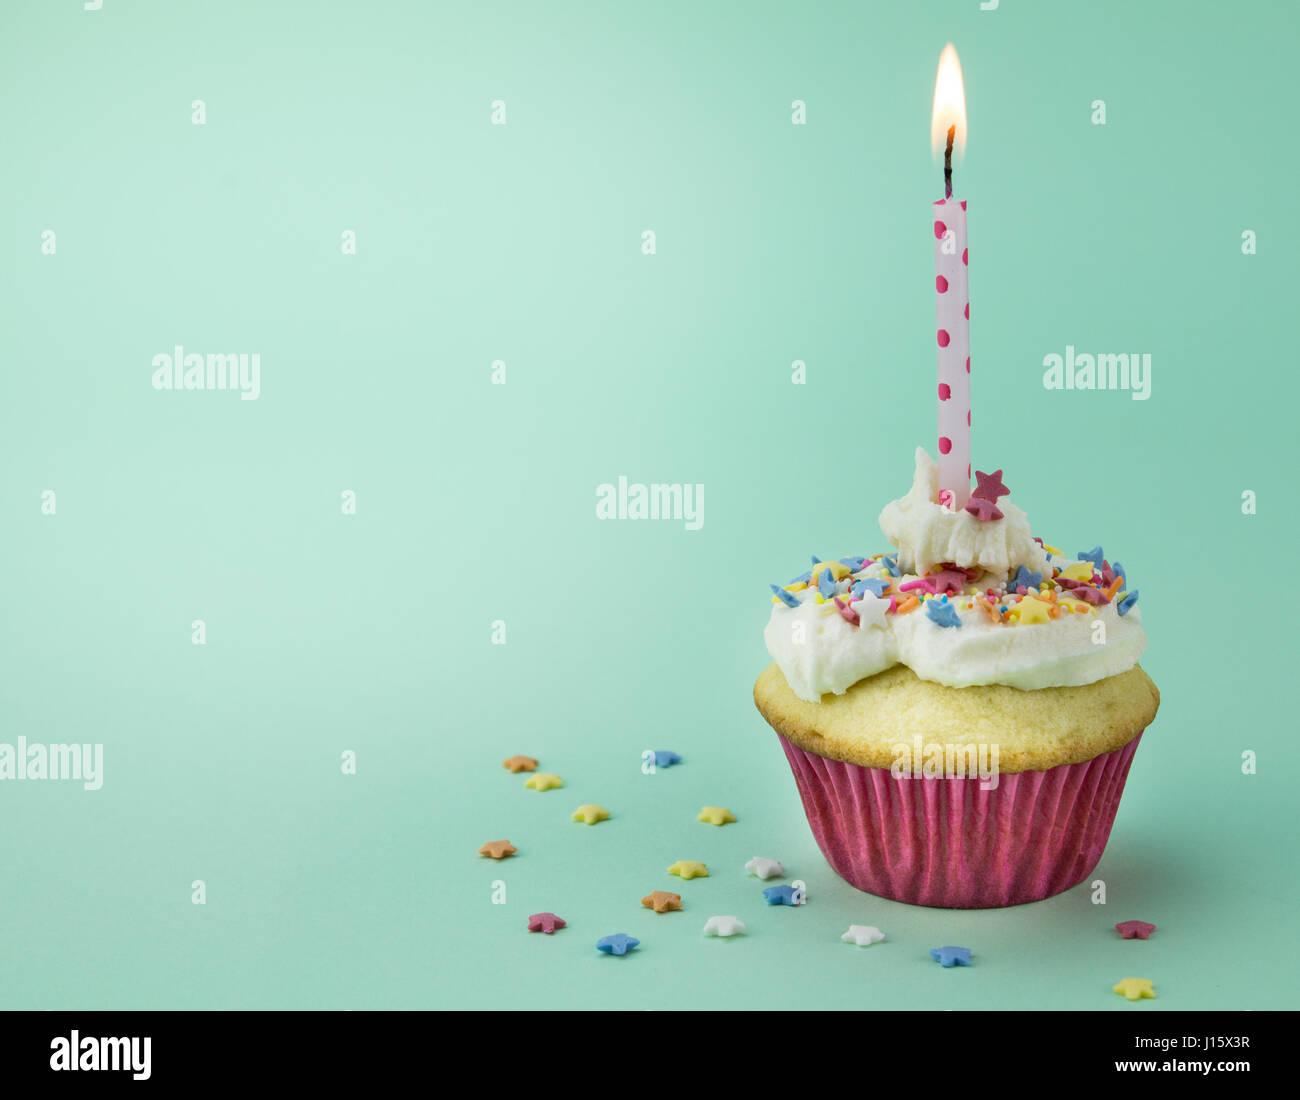 Uno cupcake con vela encendida y star sprinkles aislado sobre fondo verde Imagen De Stock